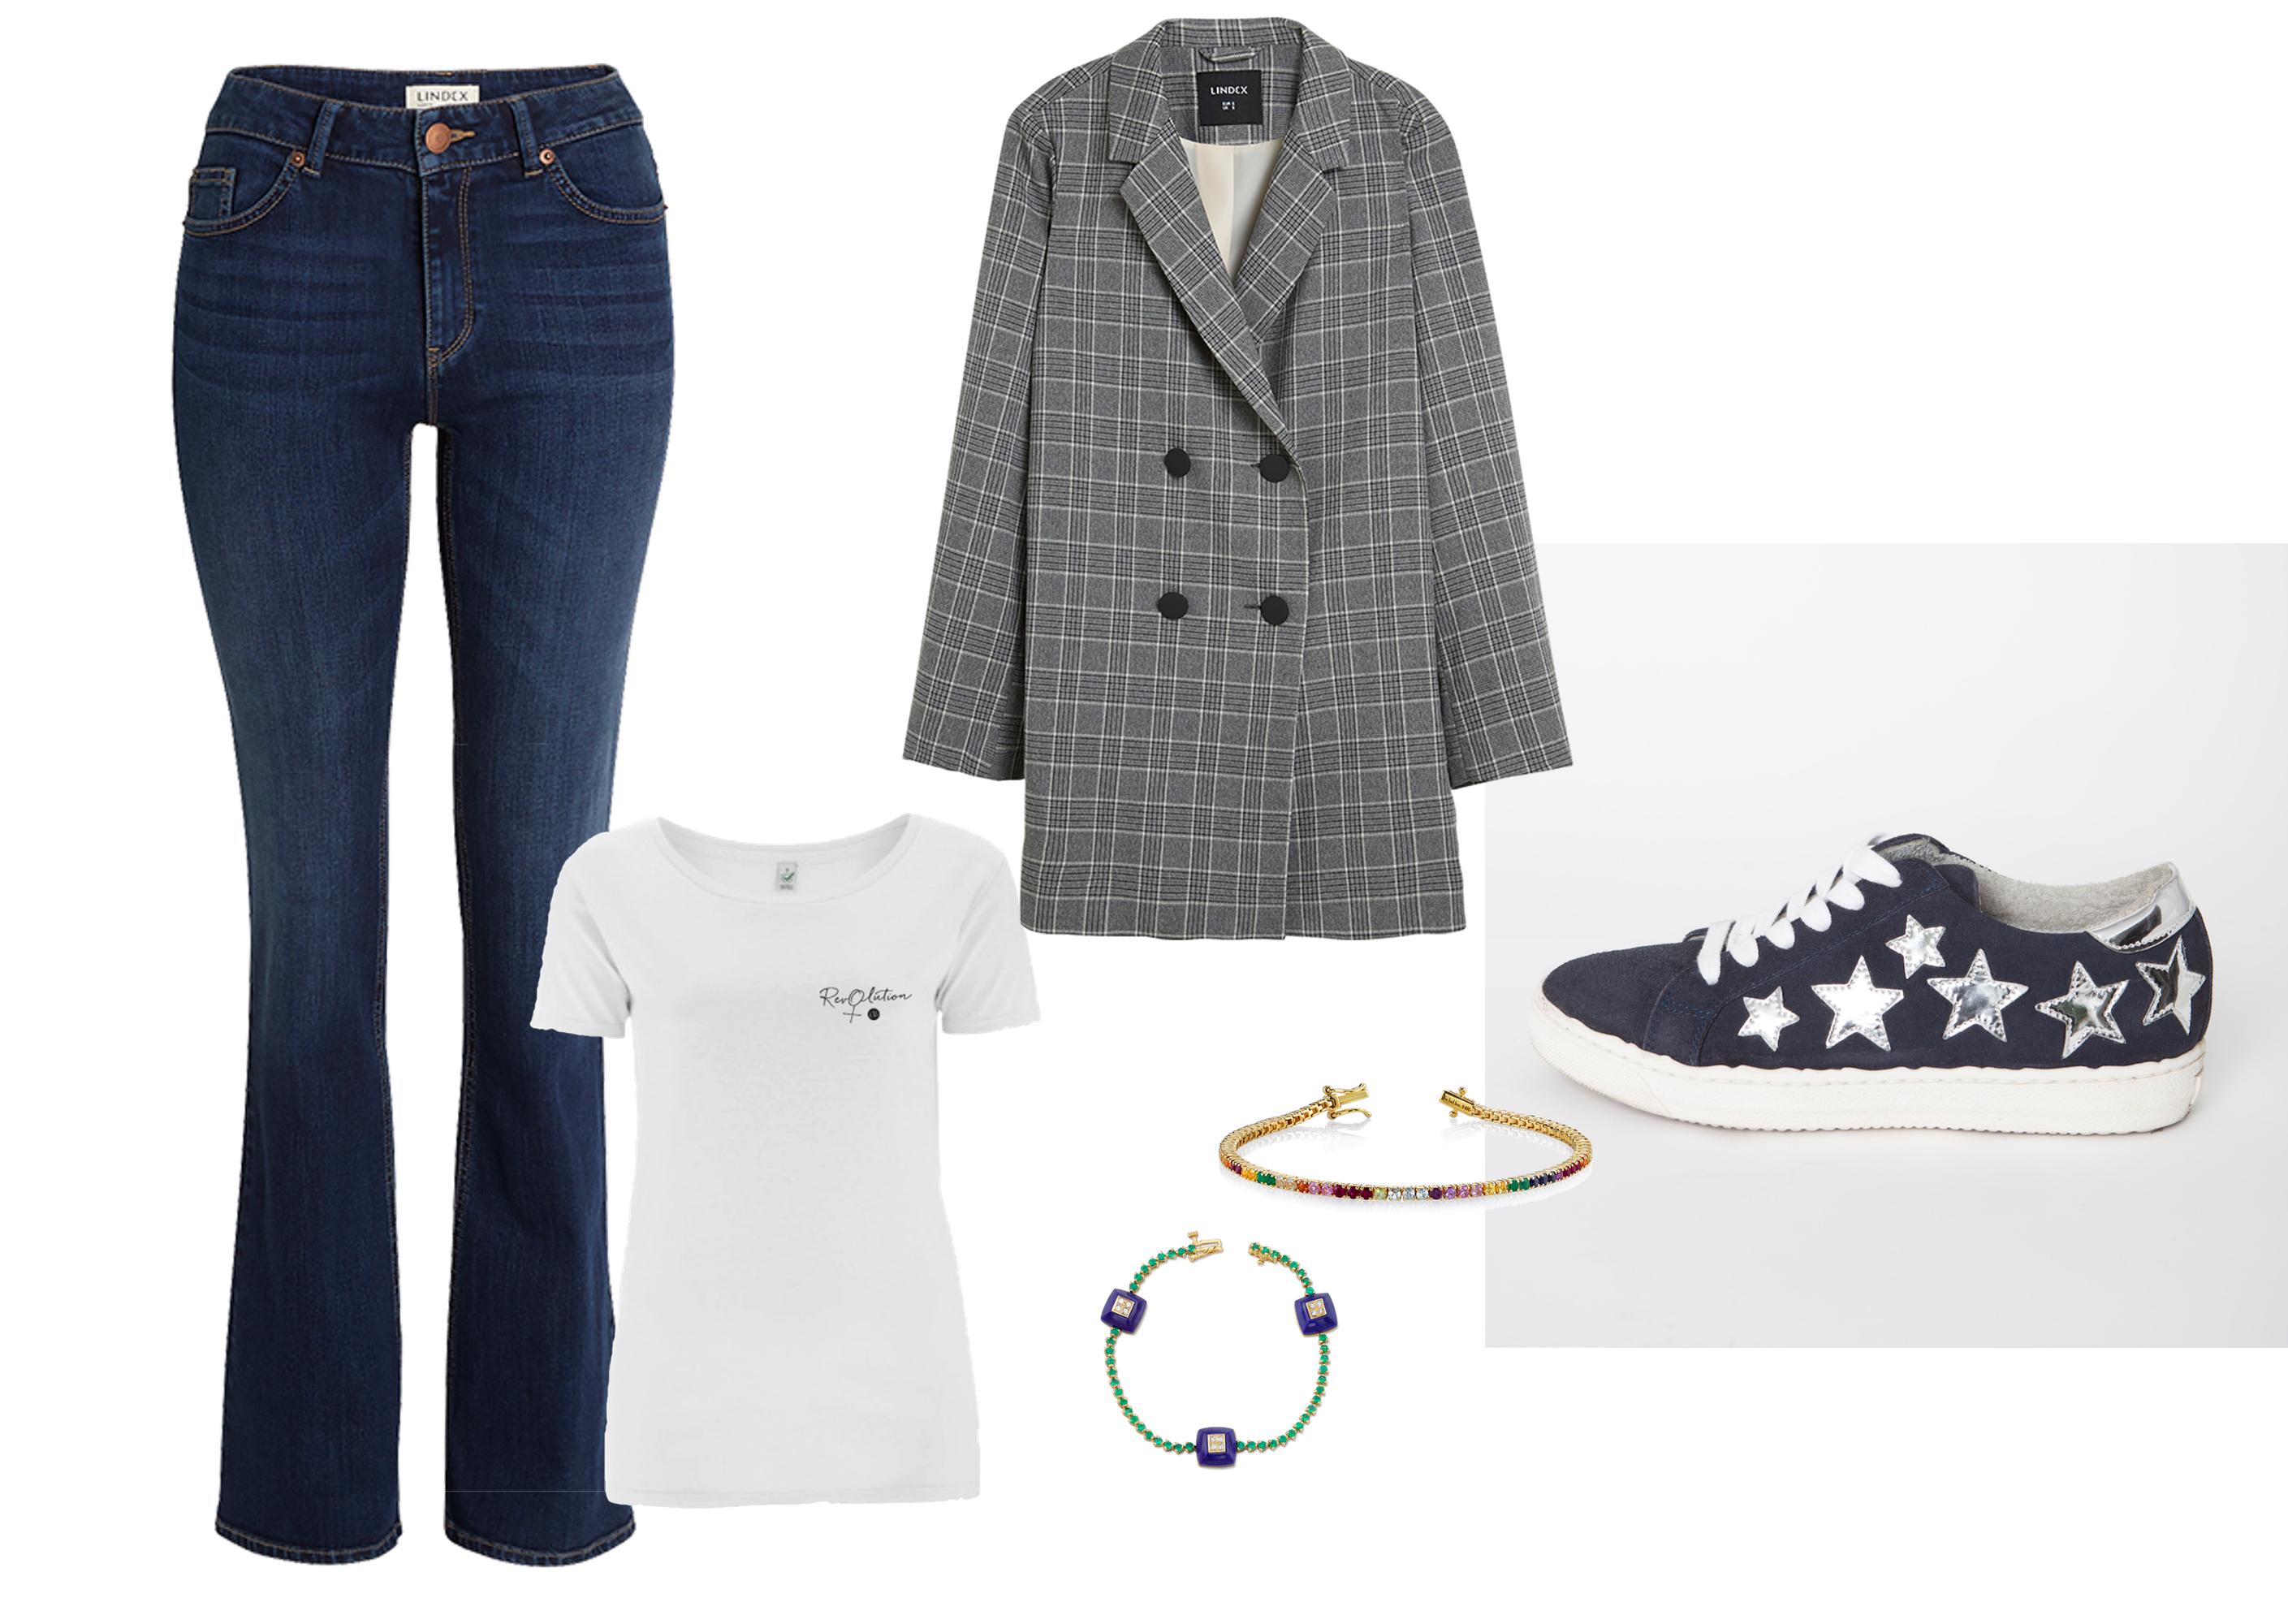 Garderobsutmaning: Från praktisk till chic i samma outfit?